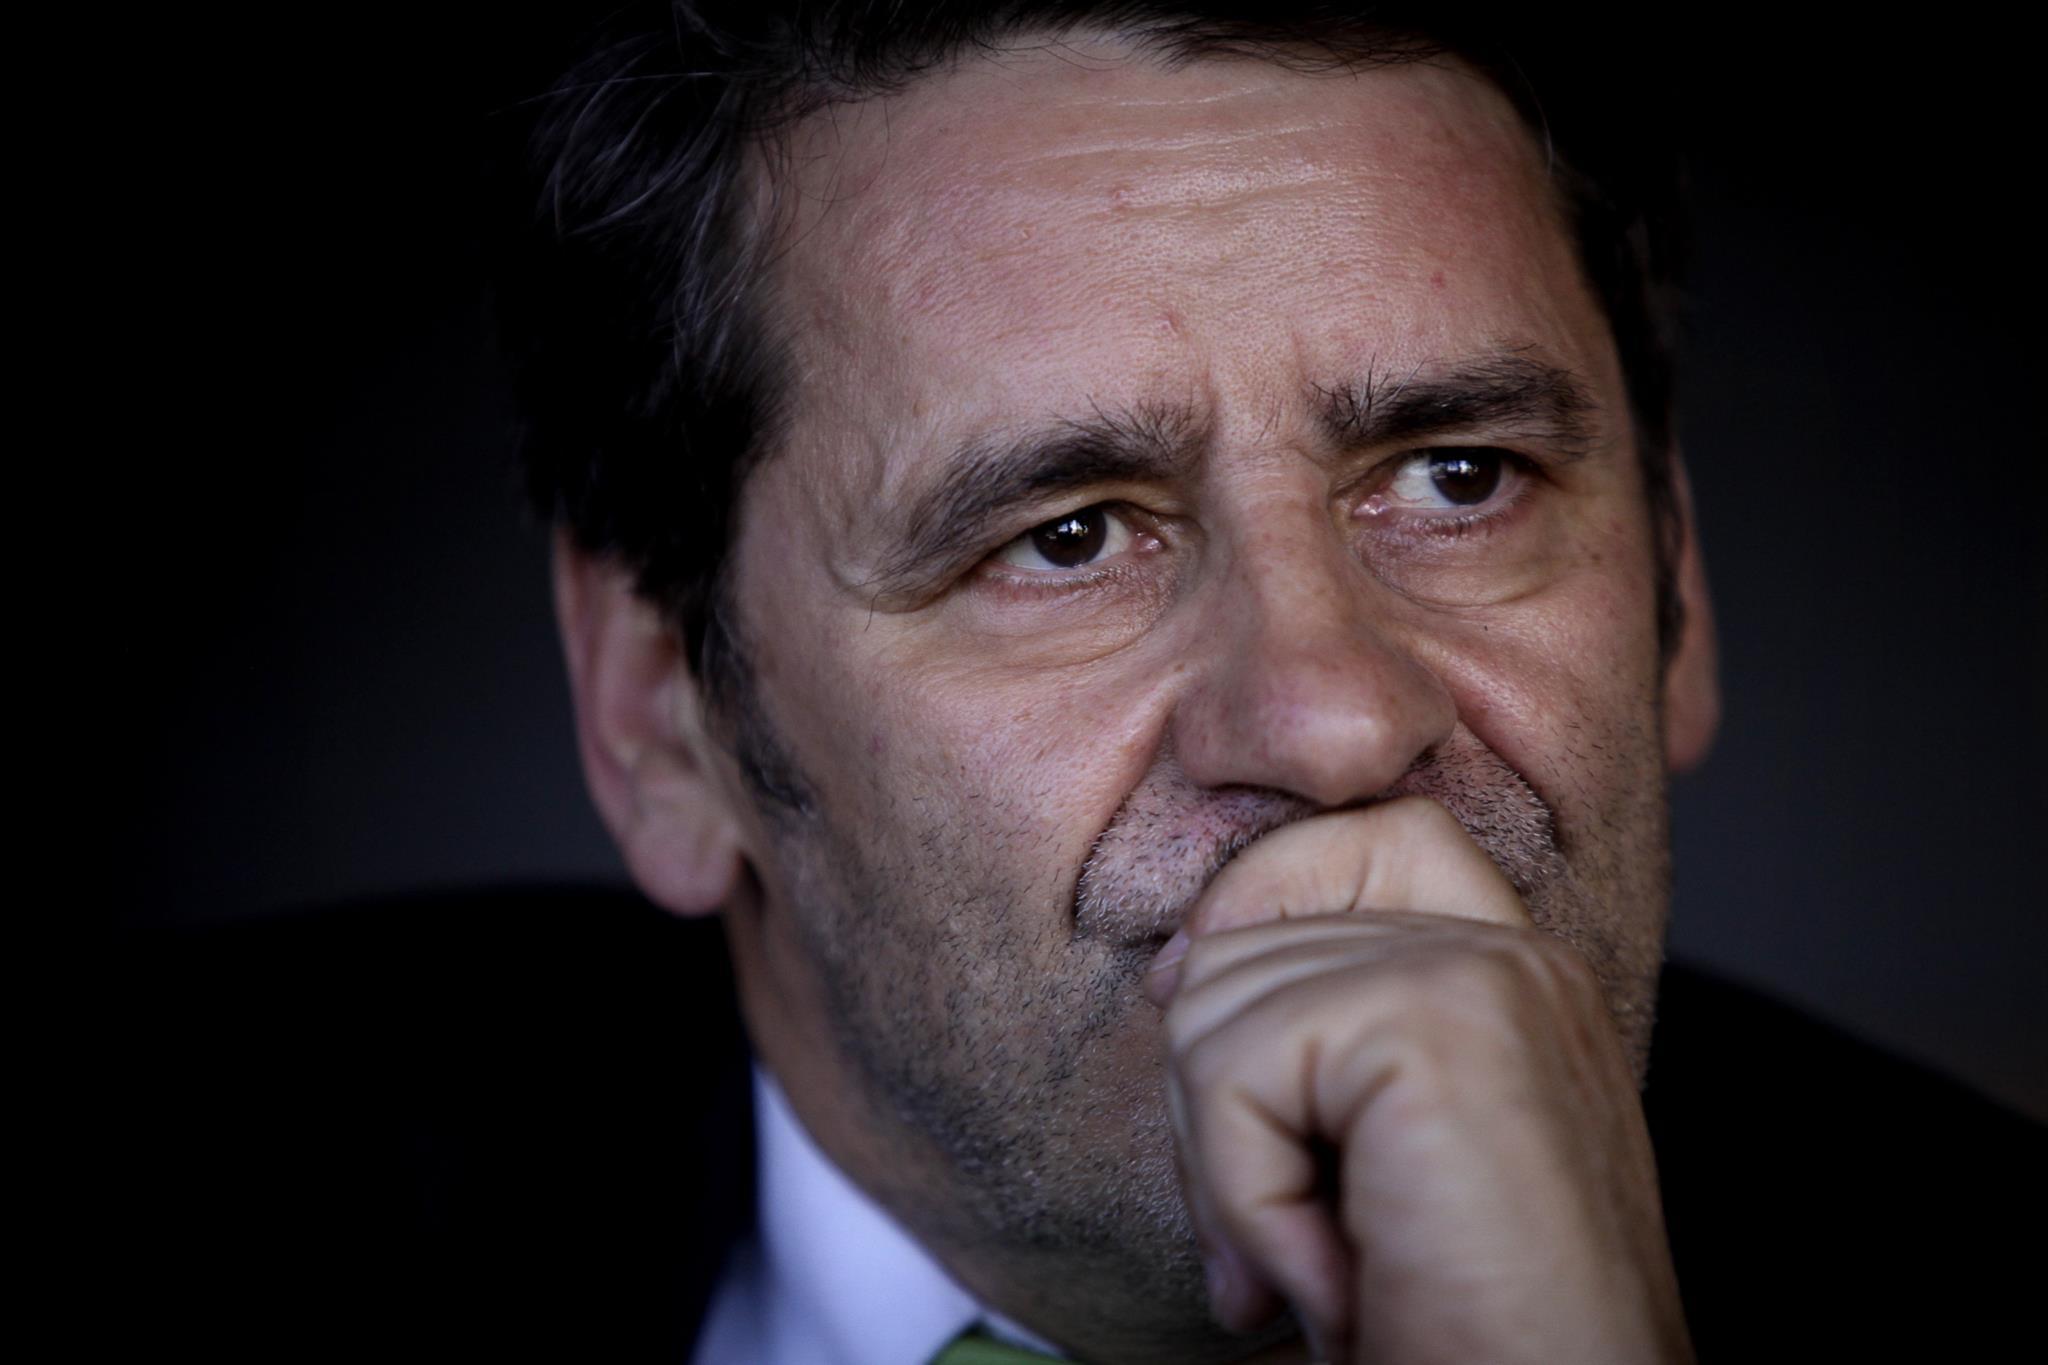 PÚBLICO - Narciso anuncia candidatura a Matosinhos em Fevereiro